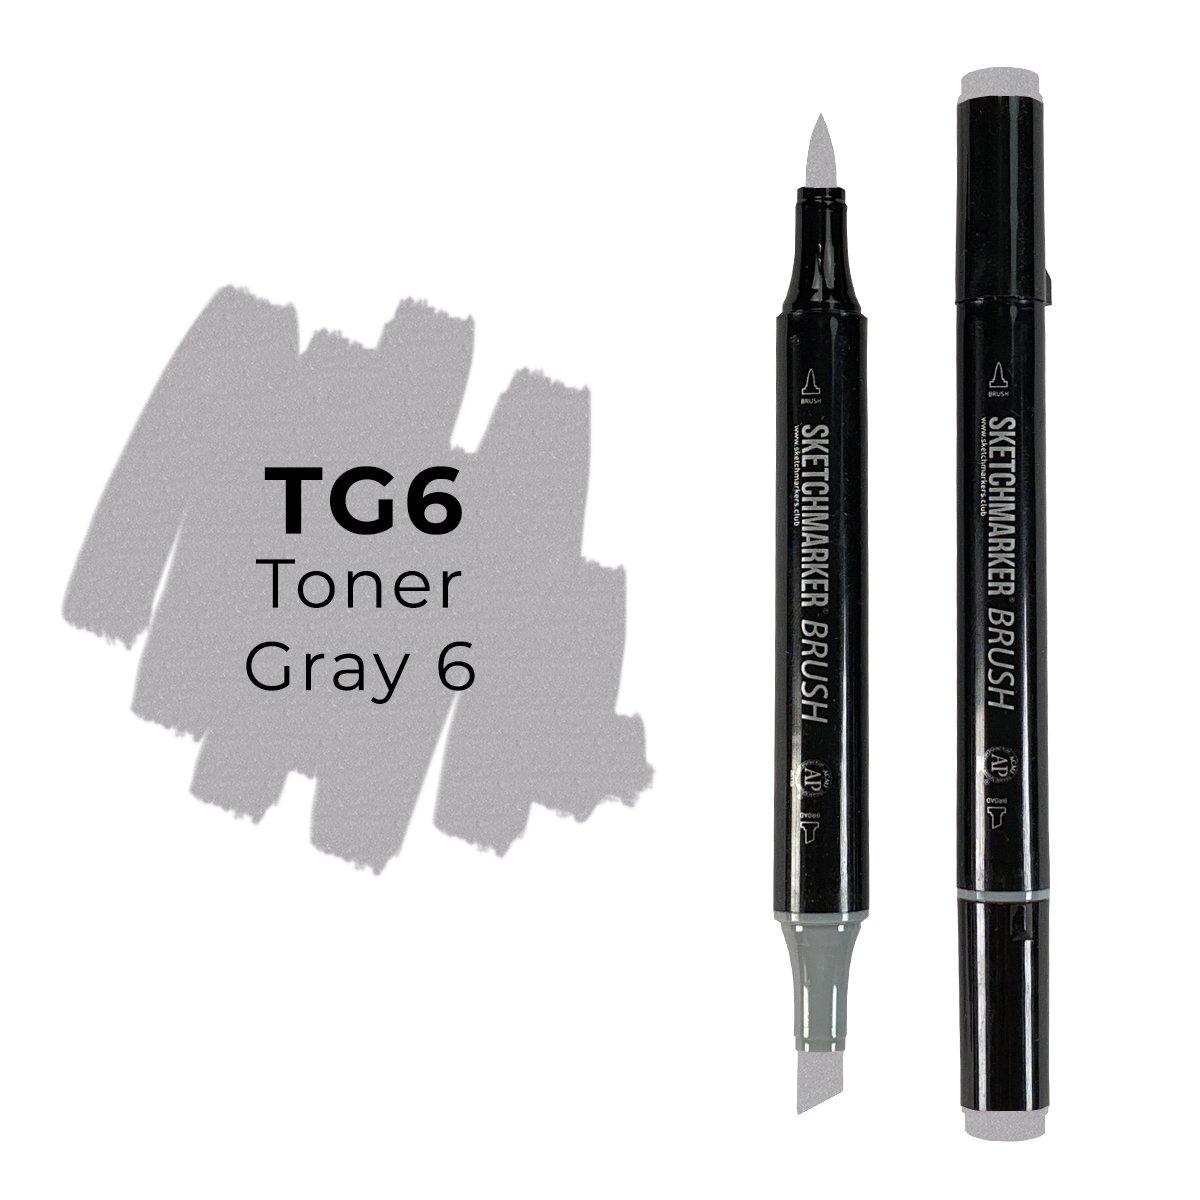 SKETCHMARKER BRUSH PRO Color: Toner Gray 6